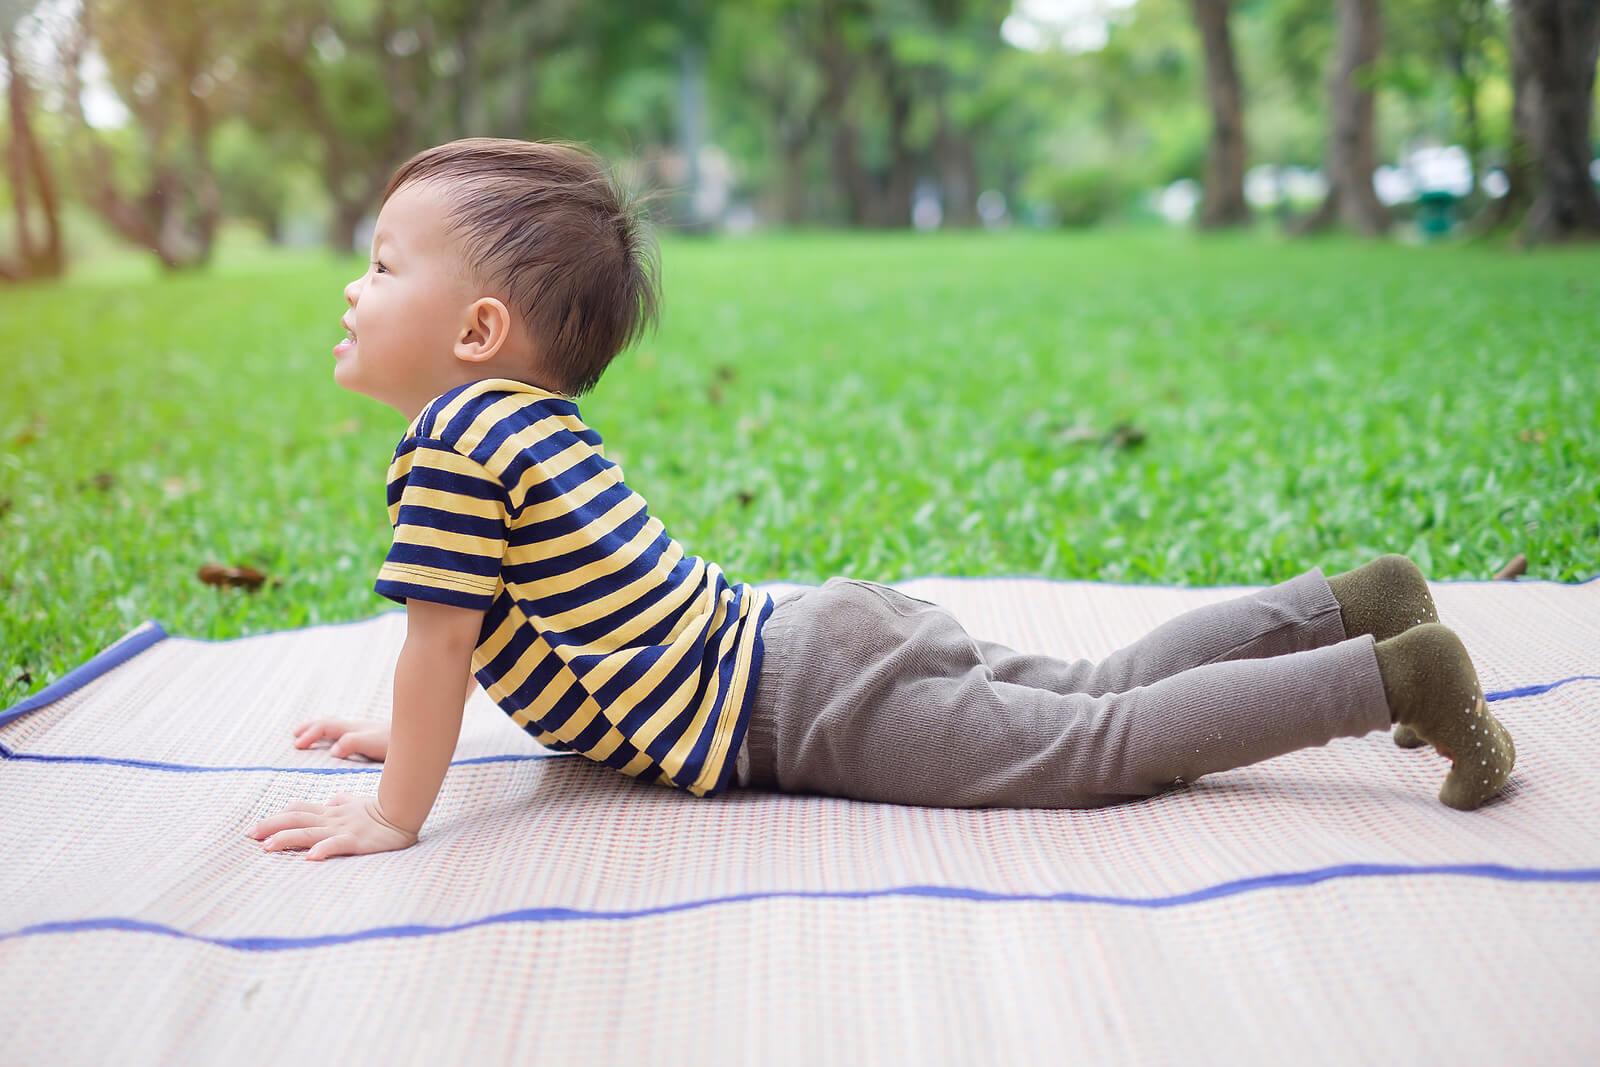 Niño tumbado en el suelo haciendo la postura del perro boca arriba.